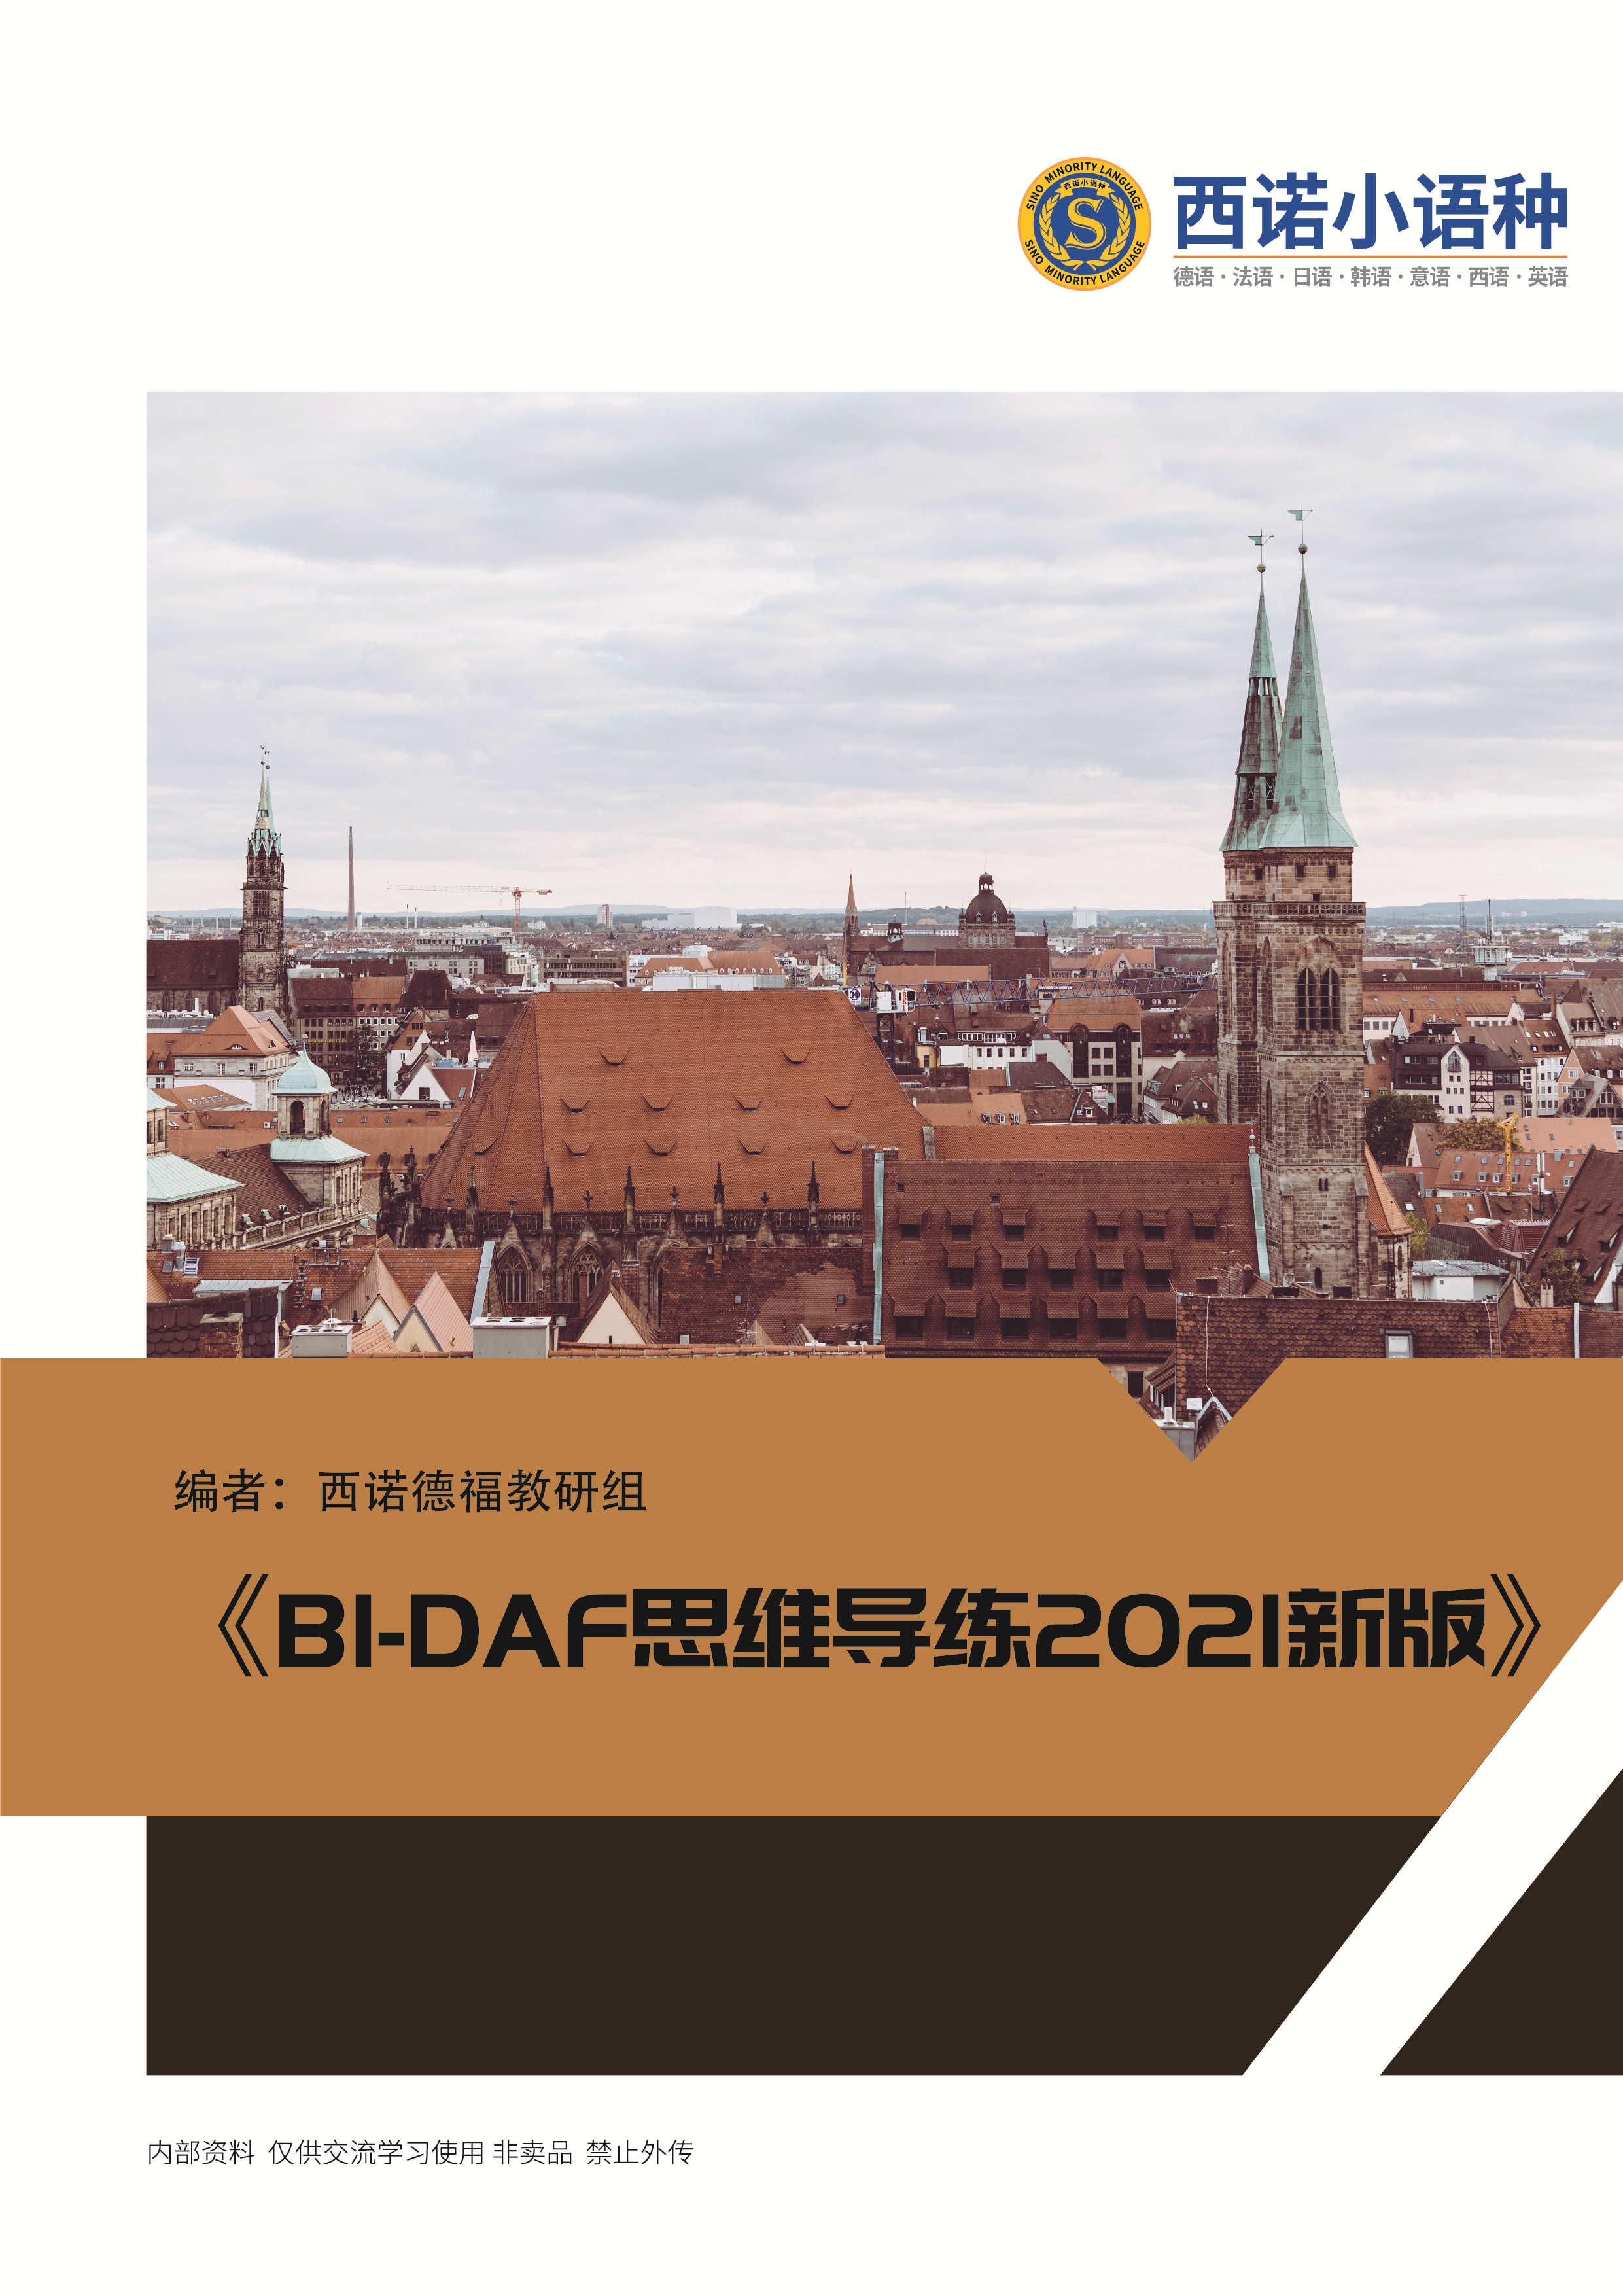 德语B1-DAF思维导练(2021新版)